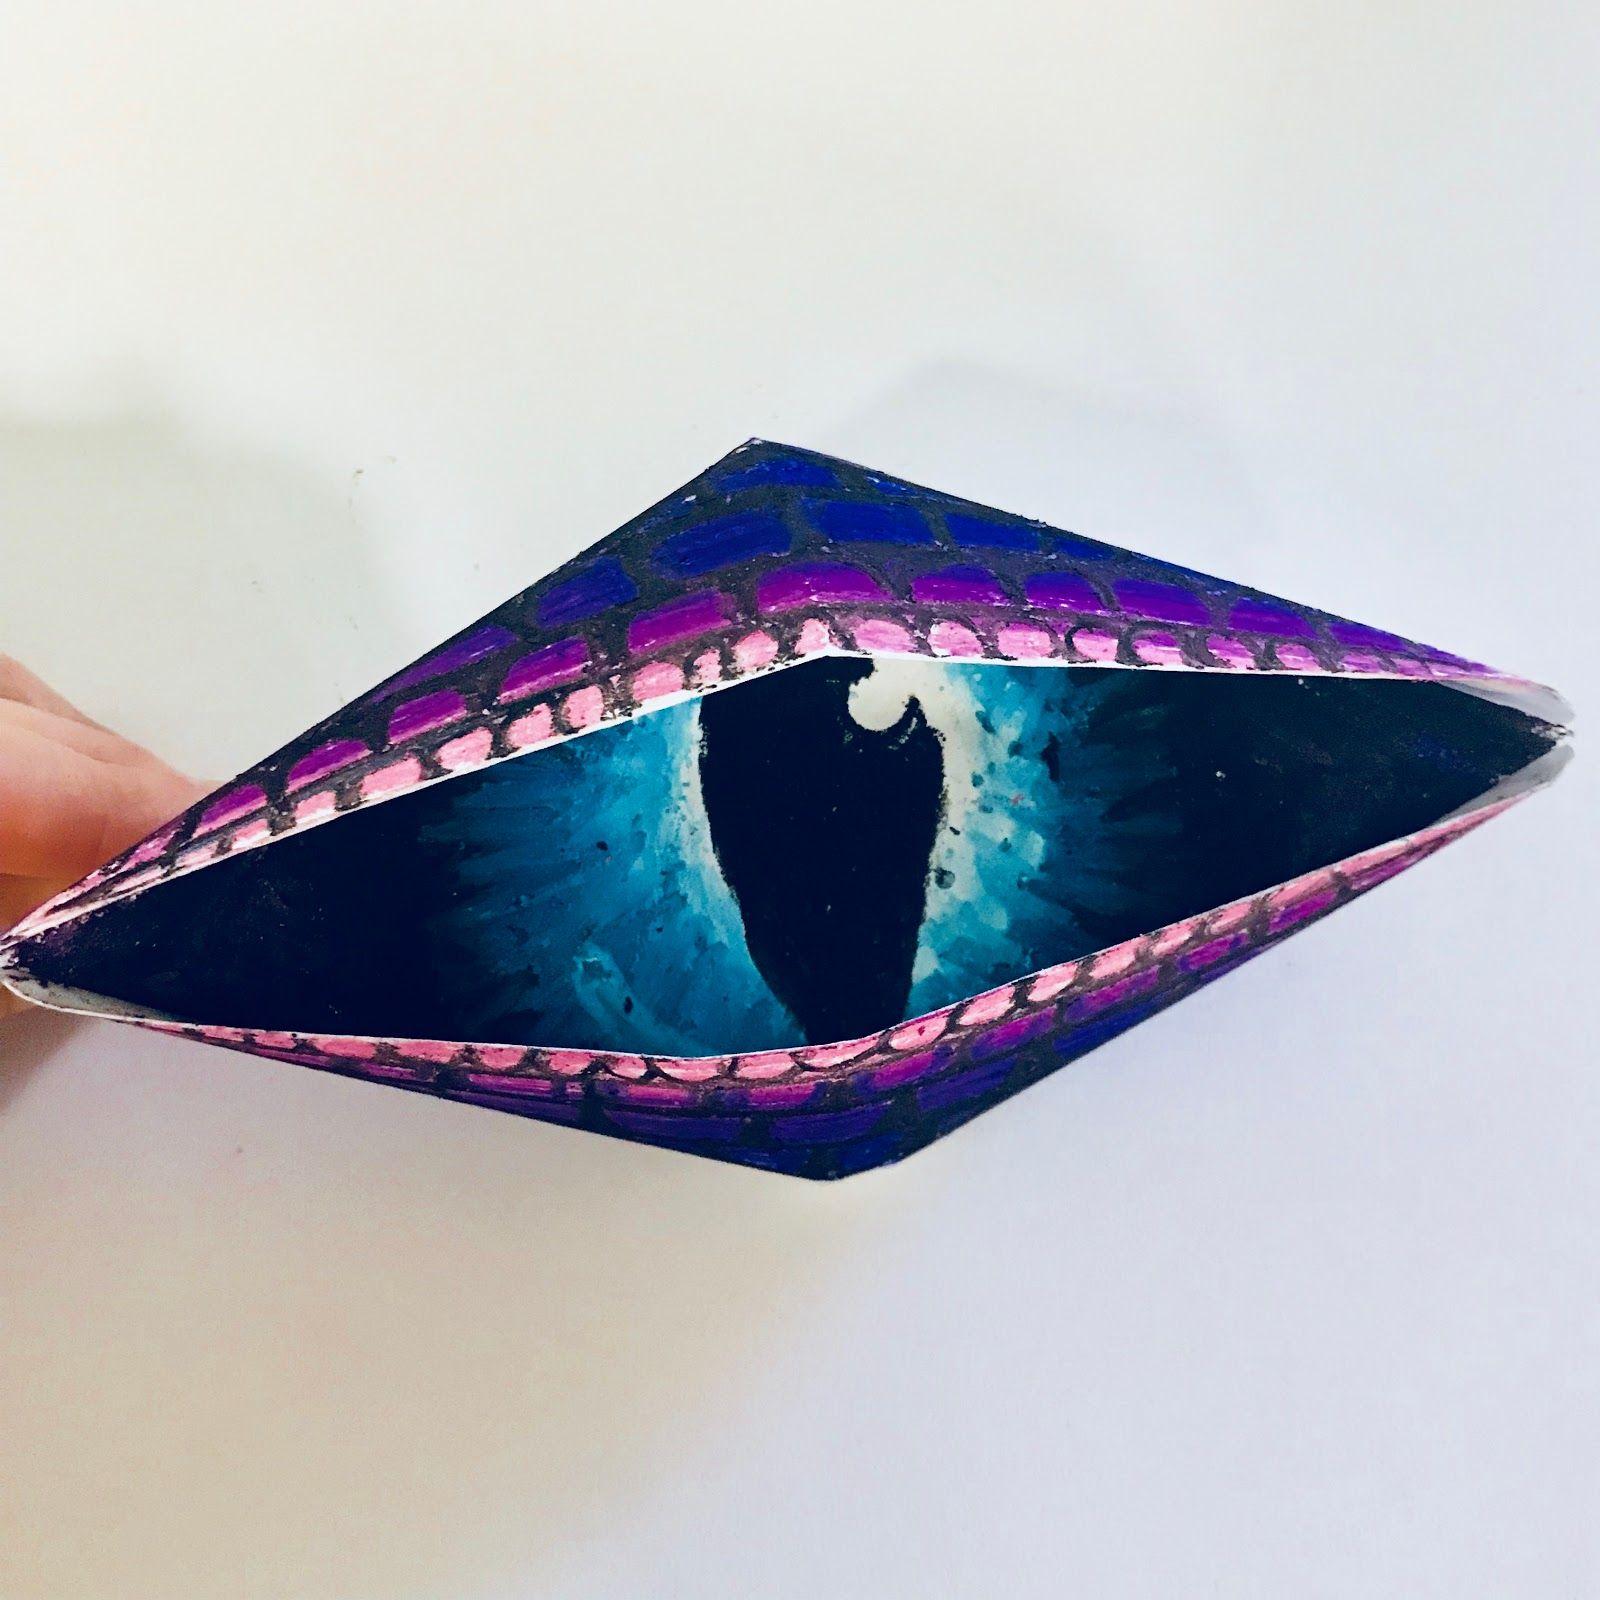 5th grade art 4th grade art origami origami dragon eye origami 5th grade art 4th grade art origami origami dragon eye origami eye jeuxipadfo Choice Image